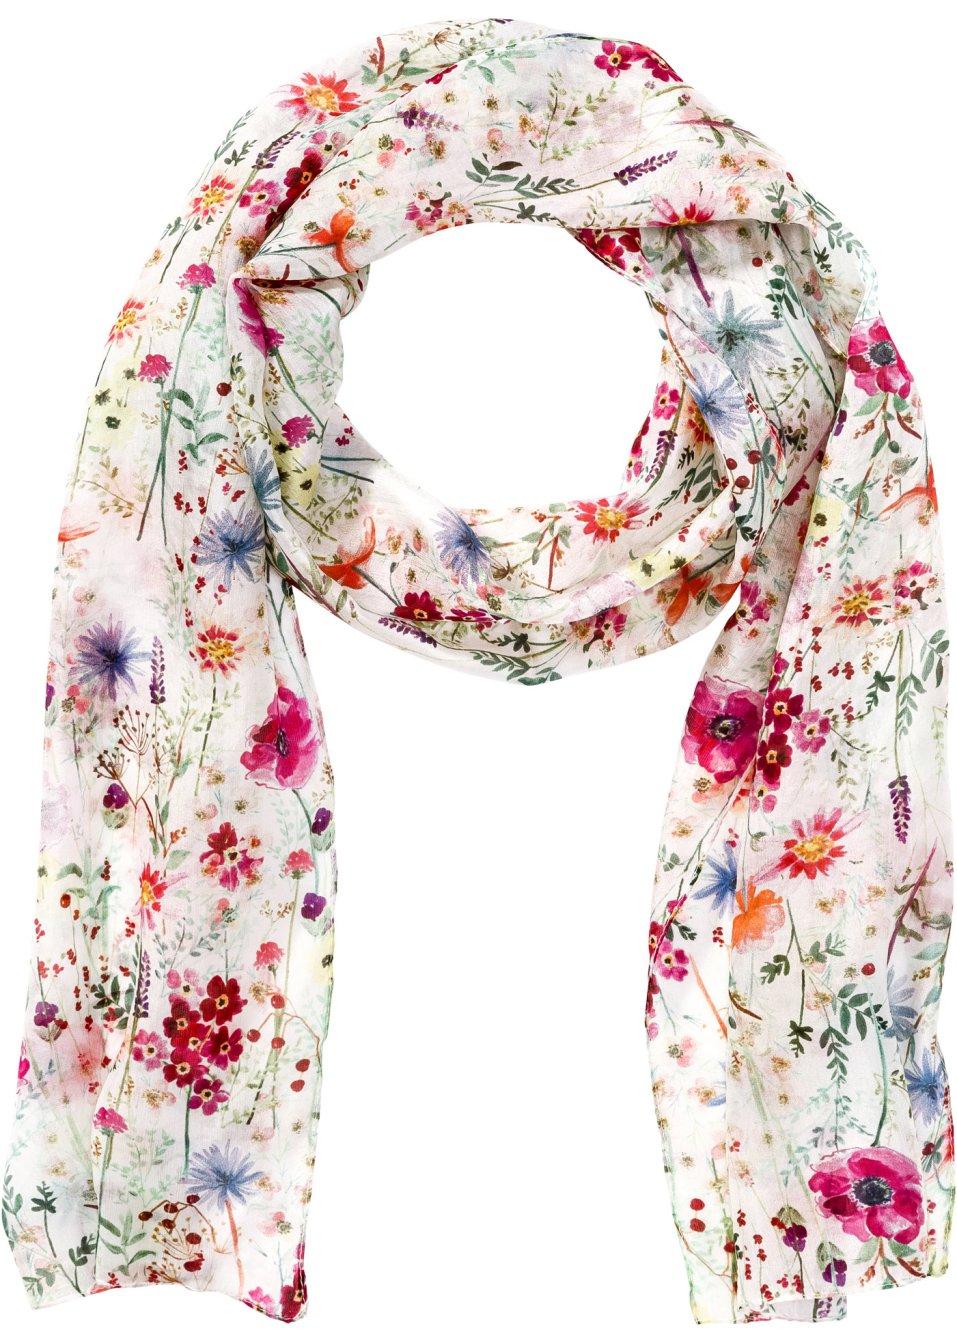 Eacute charpe  eacute troite en soie  agrave  motif floral ... 8a02c43ca54